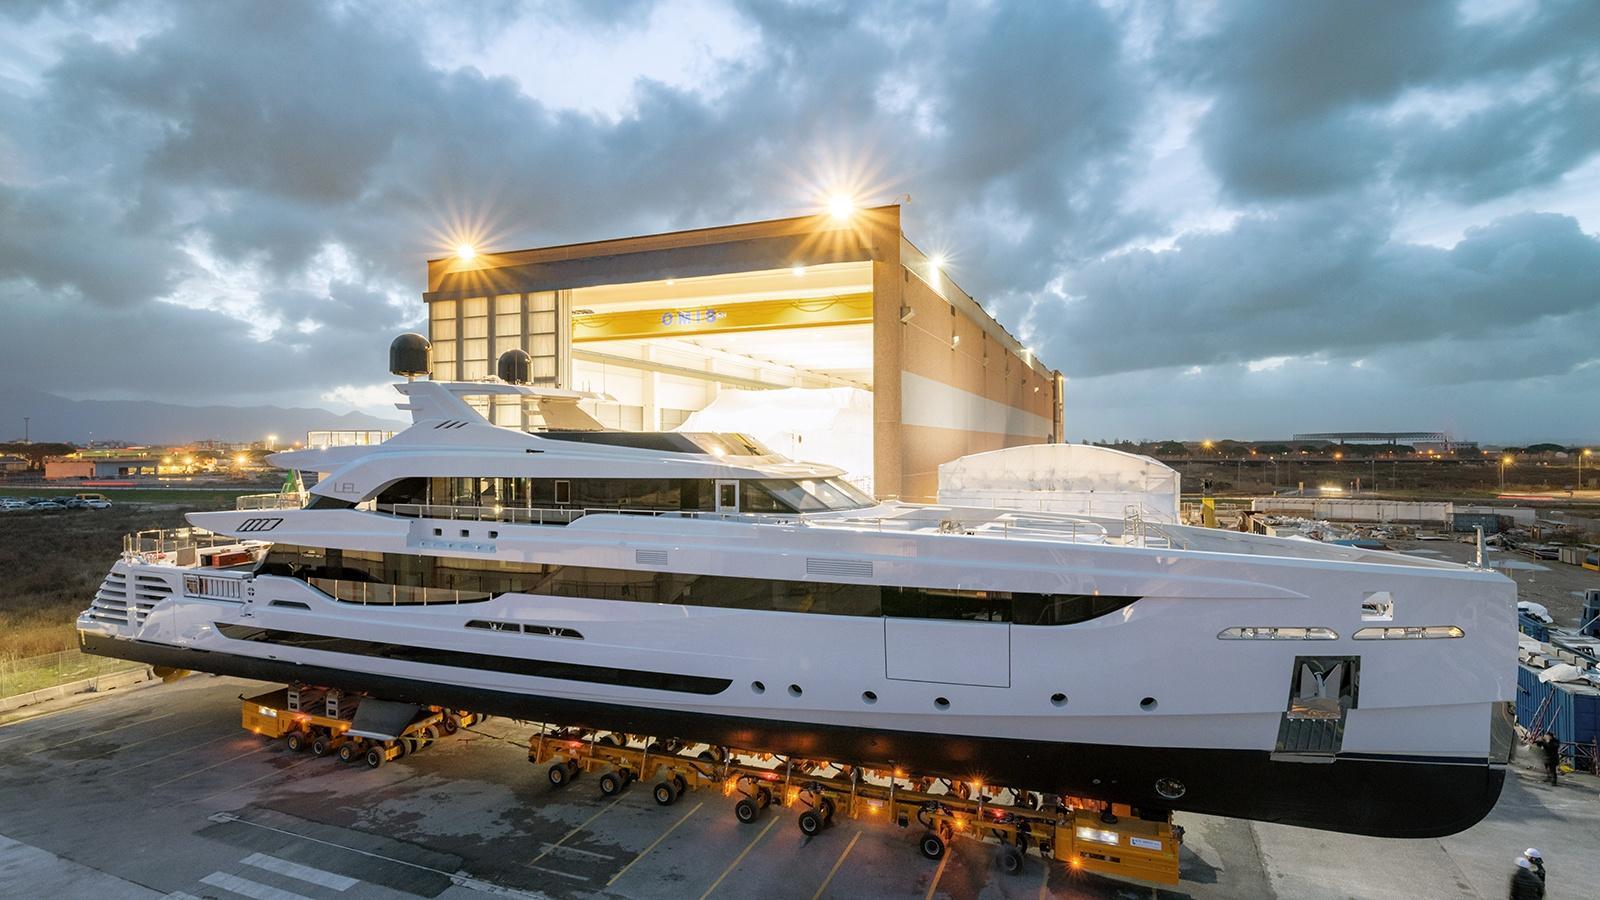 Rossinavi superyacht Lel at launch